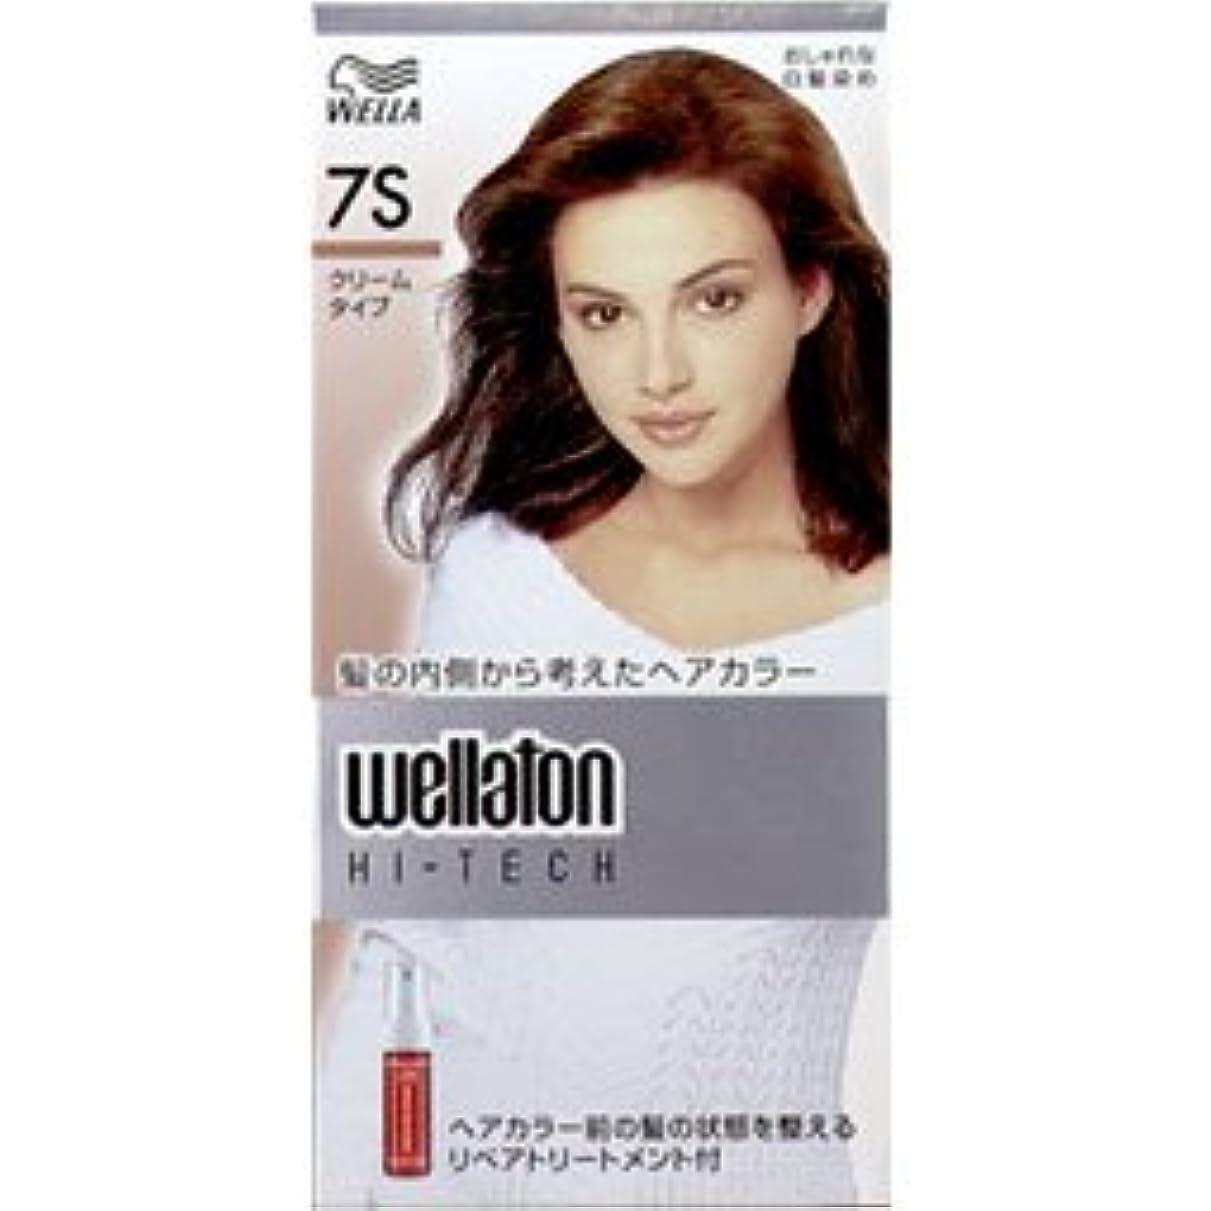 公完全に乾くぞっとするような【ヘアケア】P&G ウエラ ウエラトーン ハイテッククリーム 7S 透明感のある明るい栗色 (医薬部外品) 白髪染めヘアカラー(女性用)×24点セット (4902565140602)